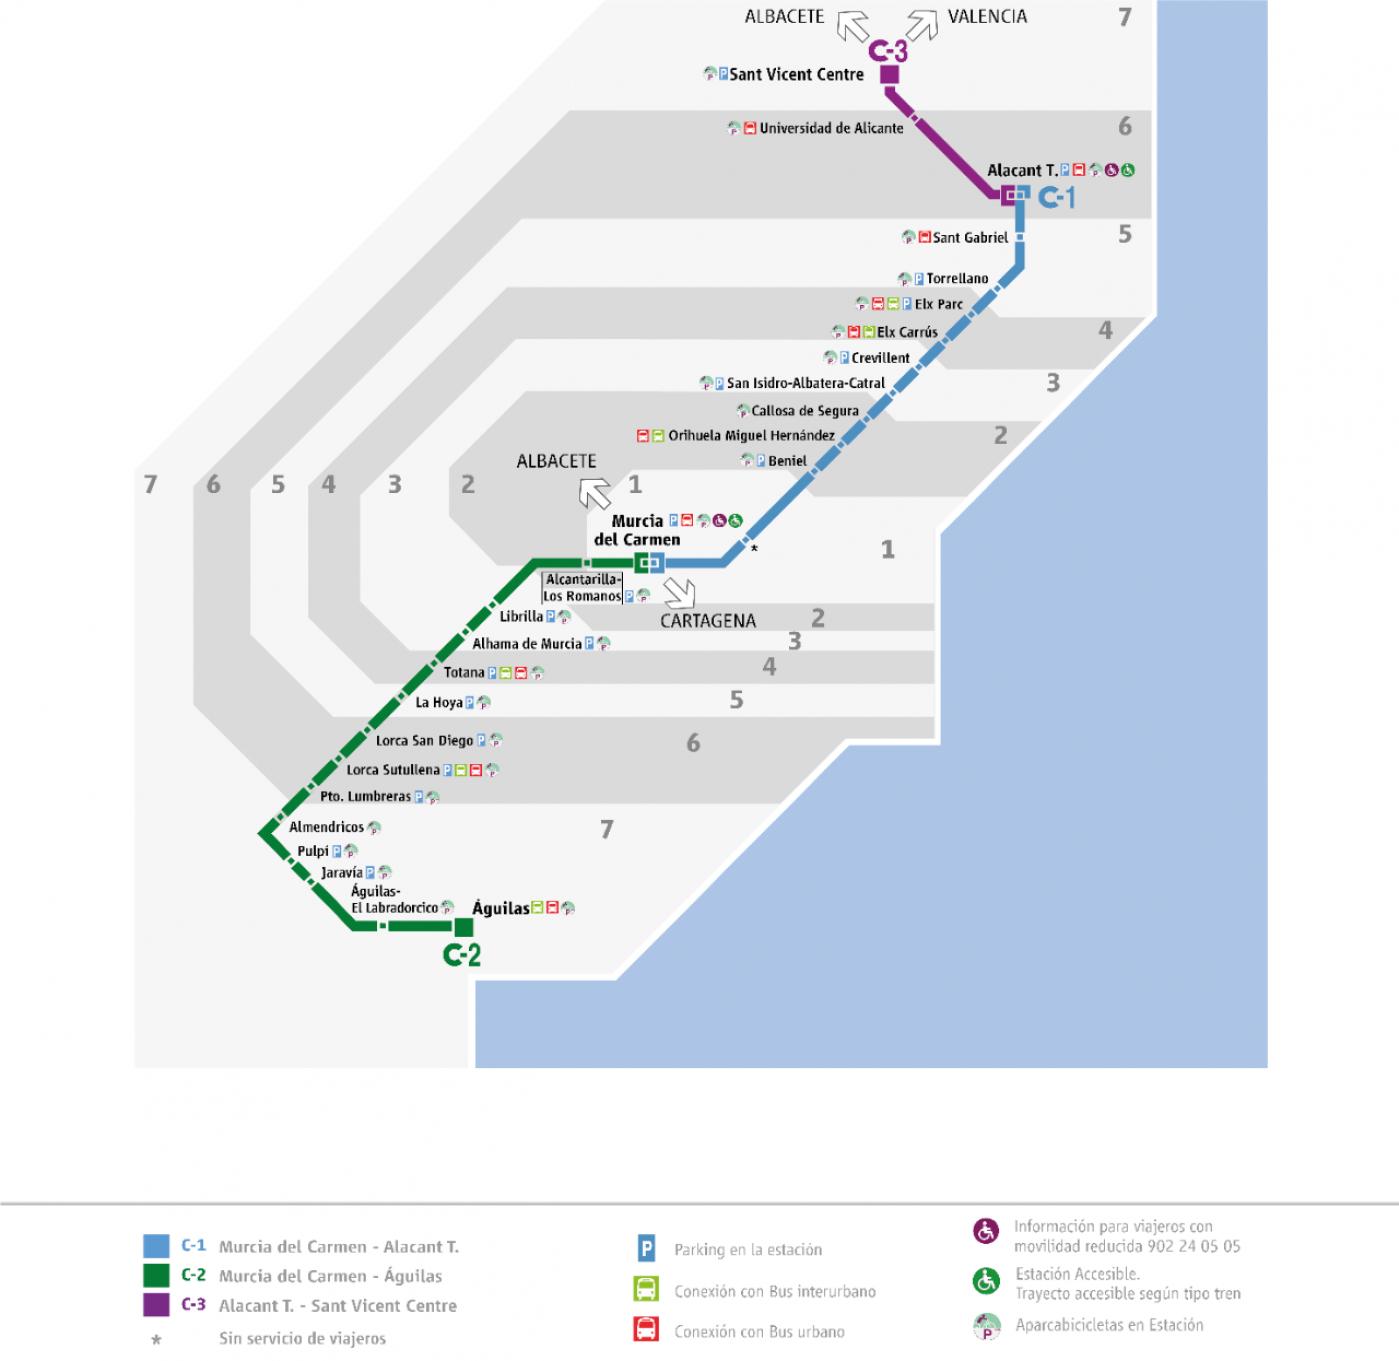 Autobús de Alicante a Murcia: información general del viaje